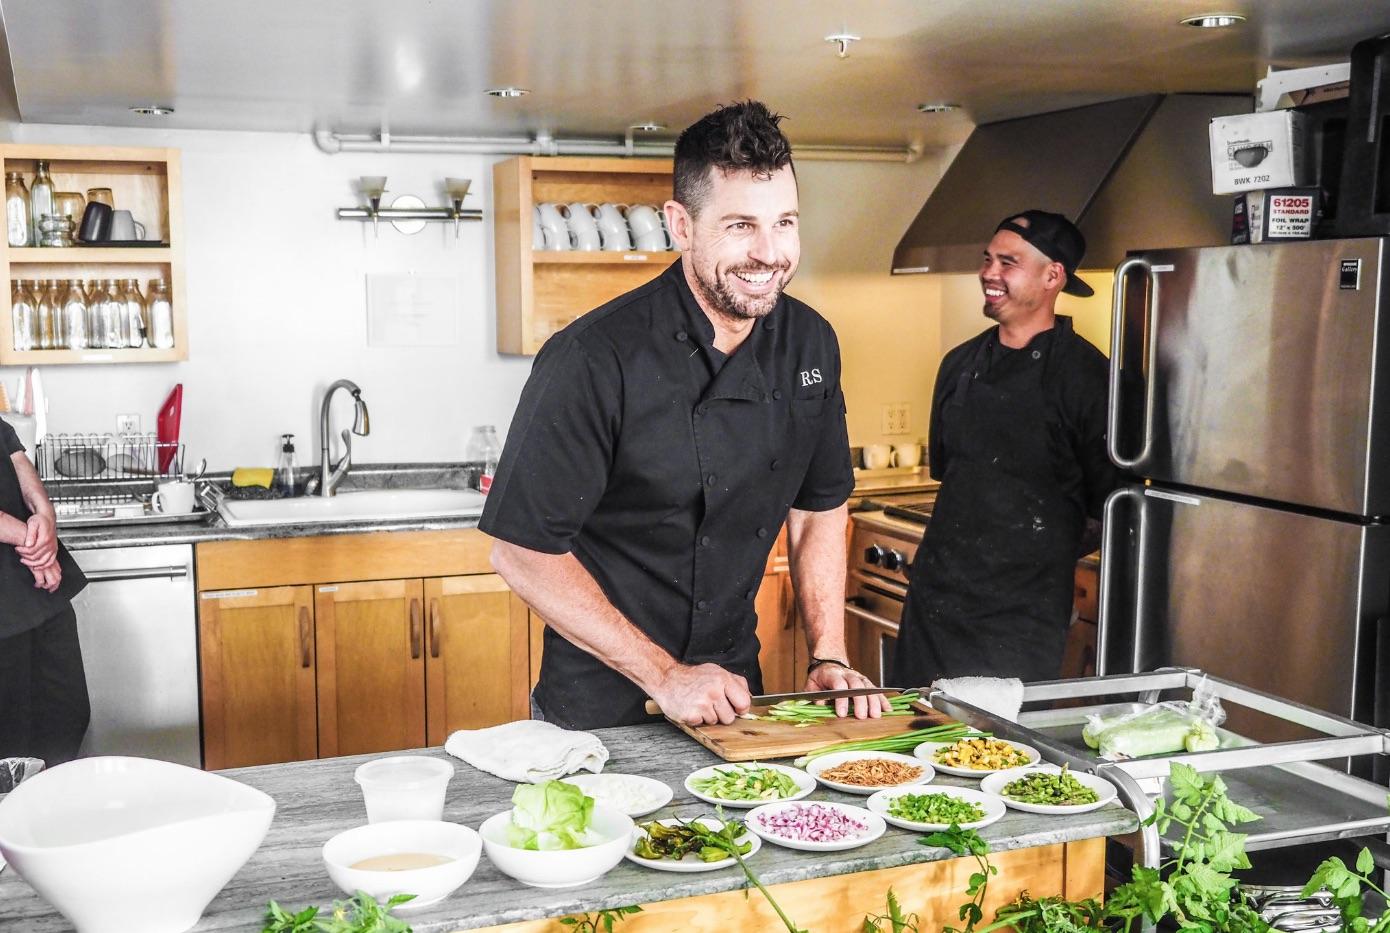 Scott in the kitchen